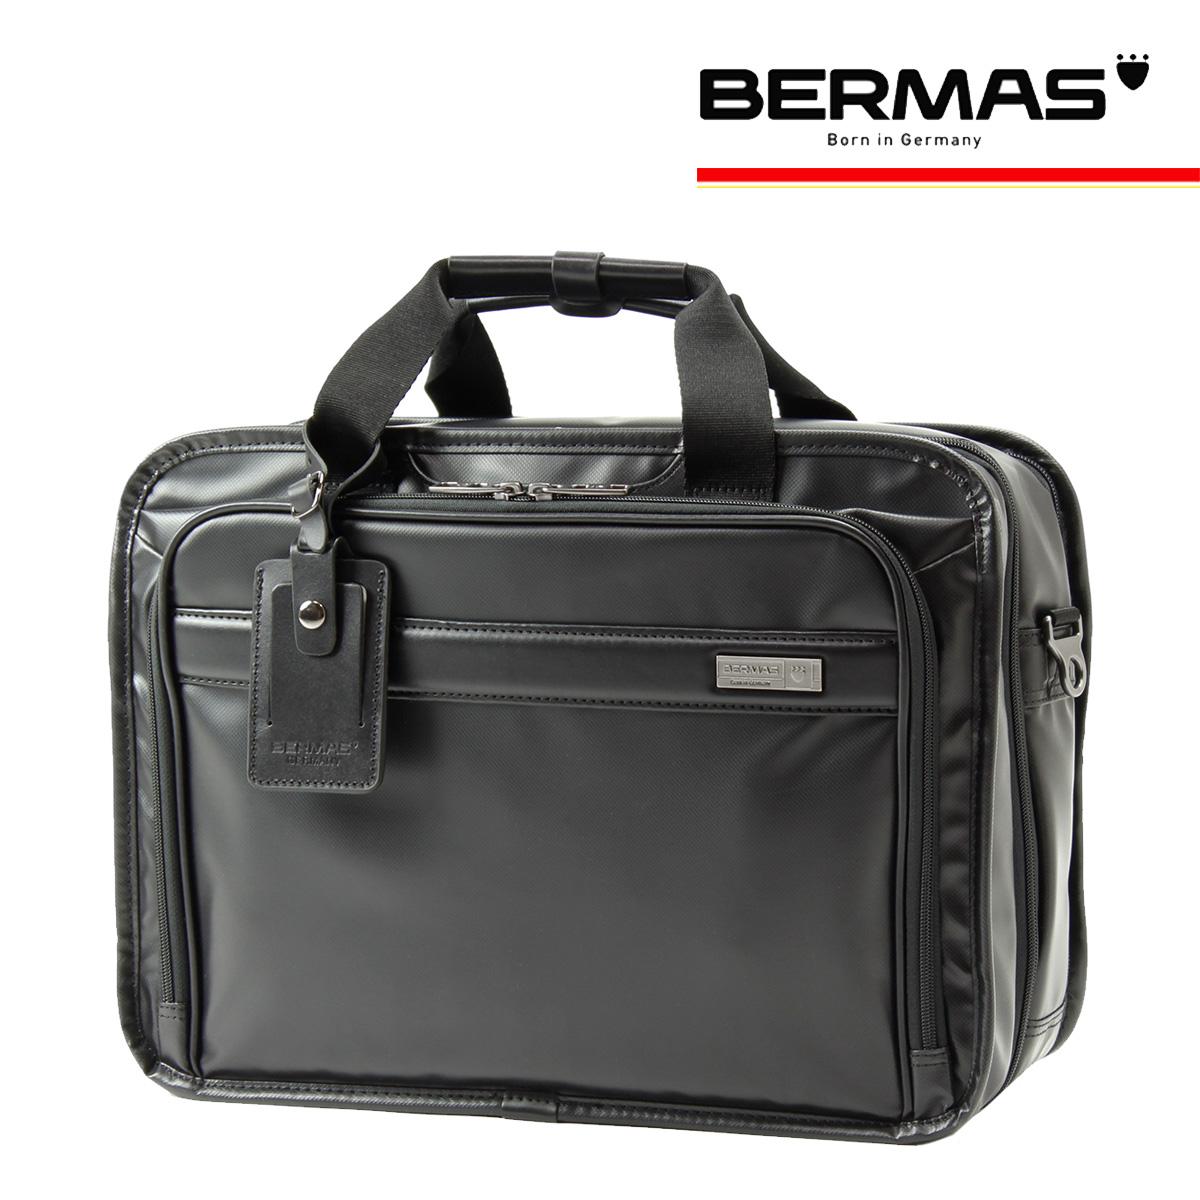 バーマス ブリーフケース 2WAY メンズ インターシティ 60460 | BERMAS ビジネスバッグ 撥水 防汚 キャリーオン【PO10】